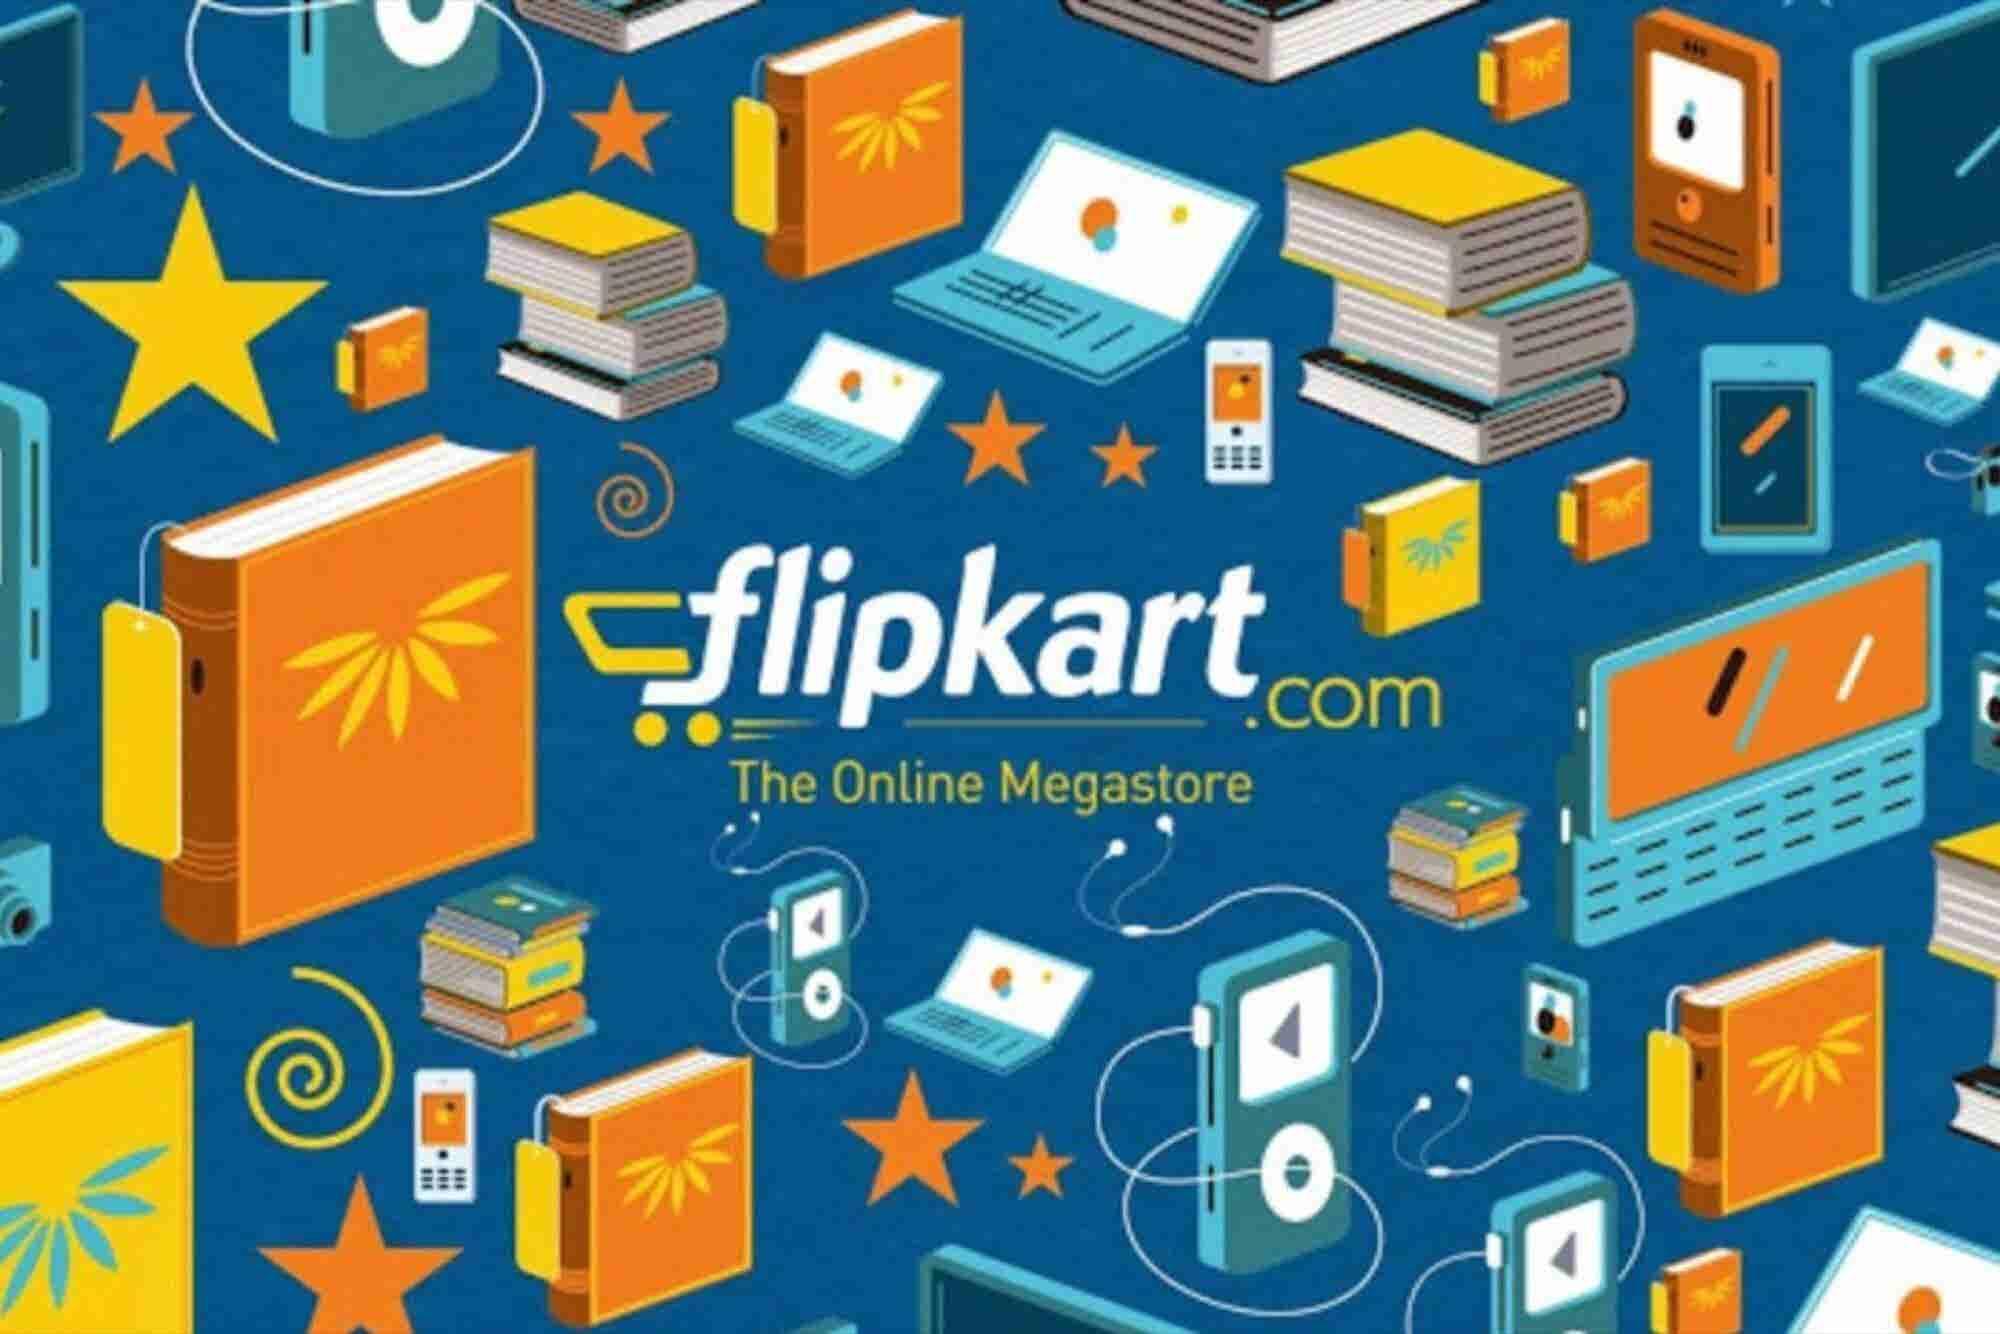 Flipkart-Walmart deal: End of an Era